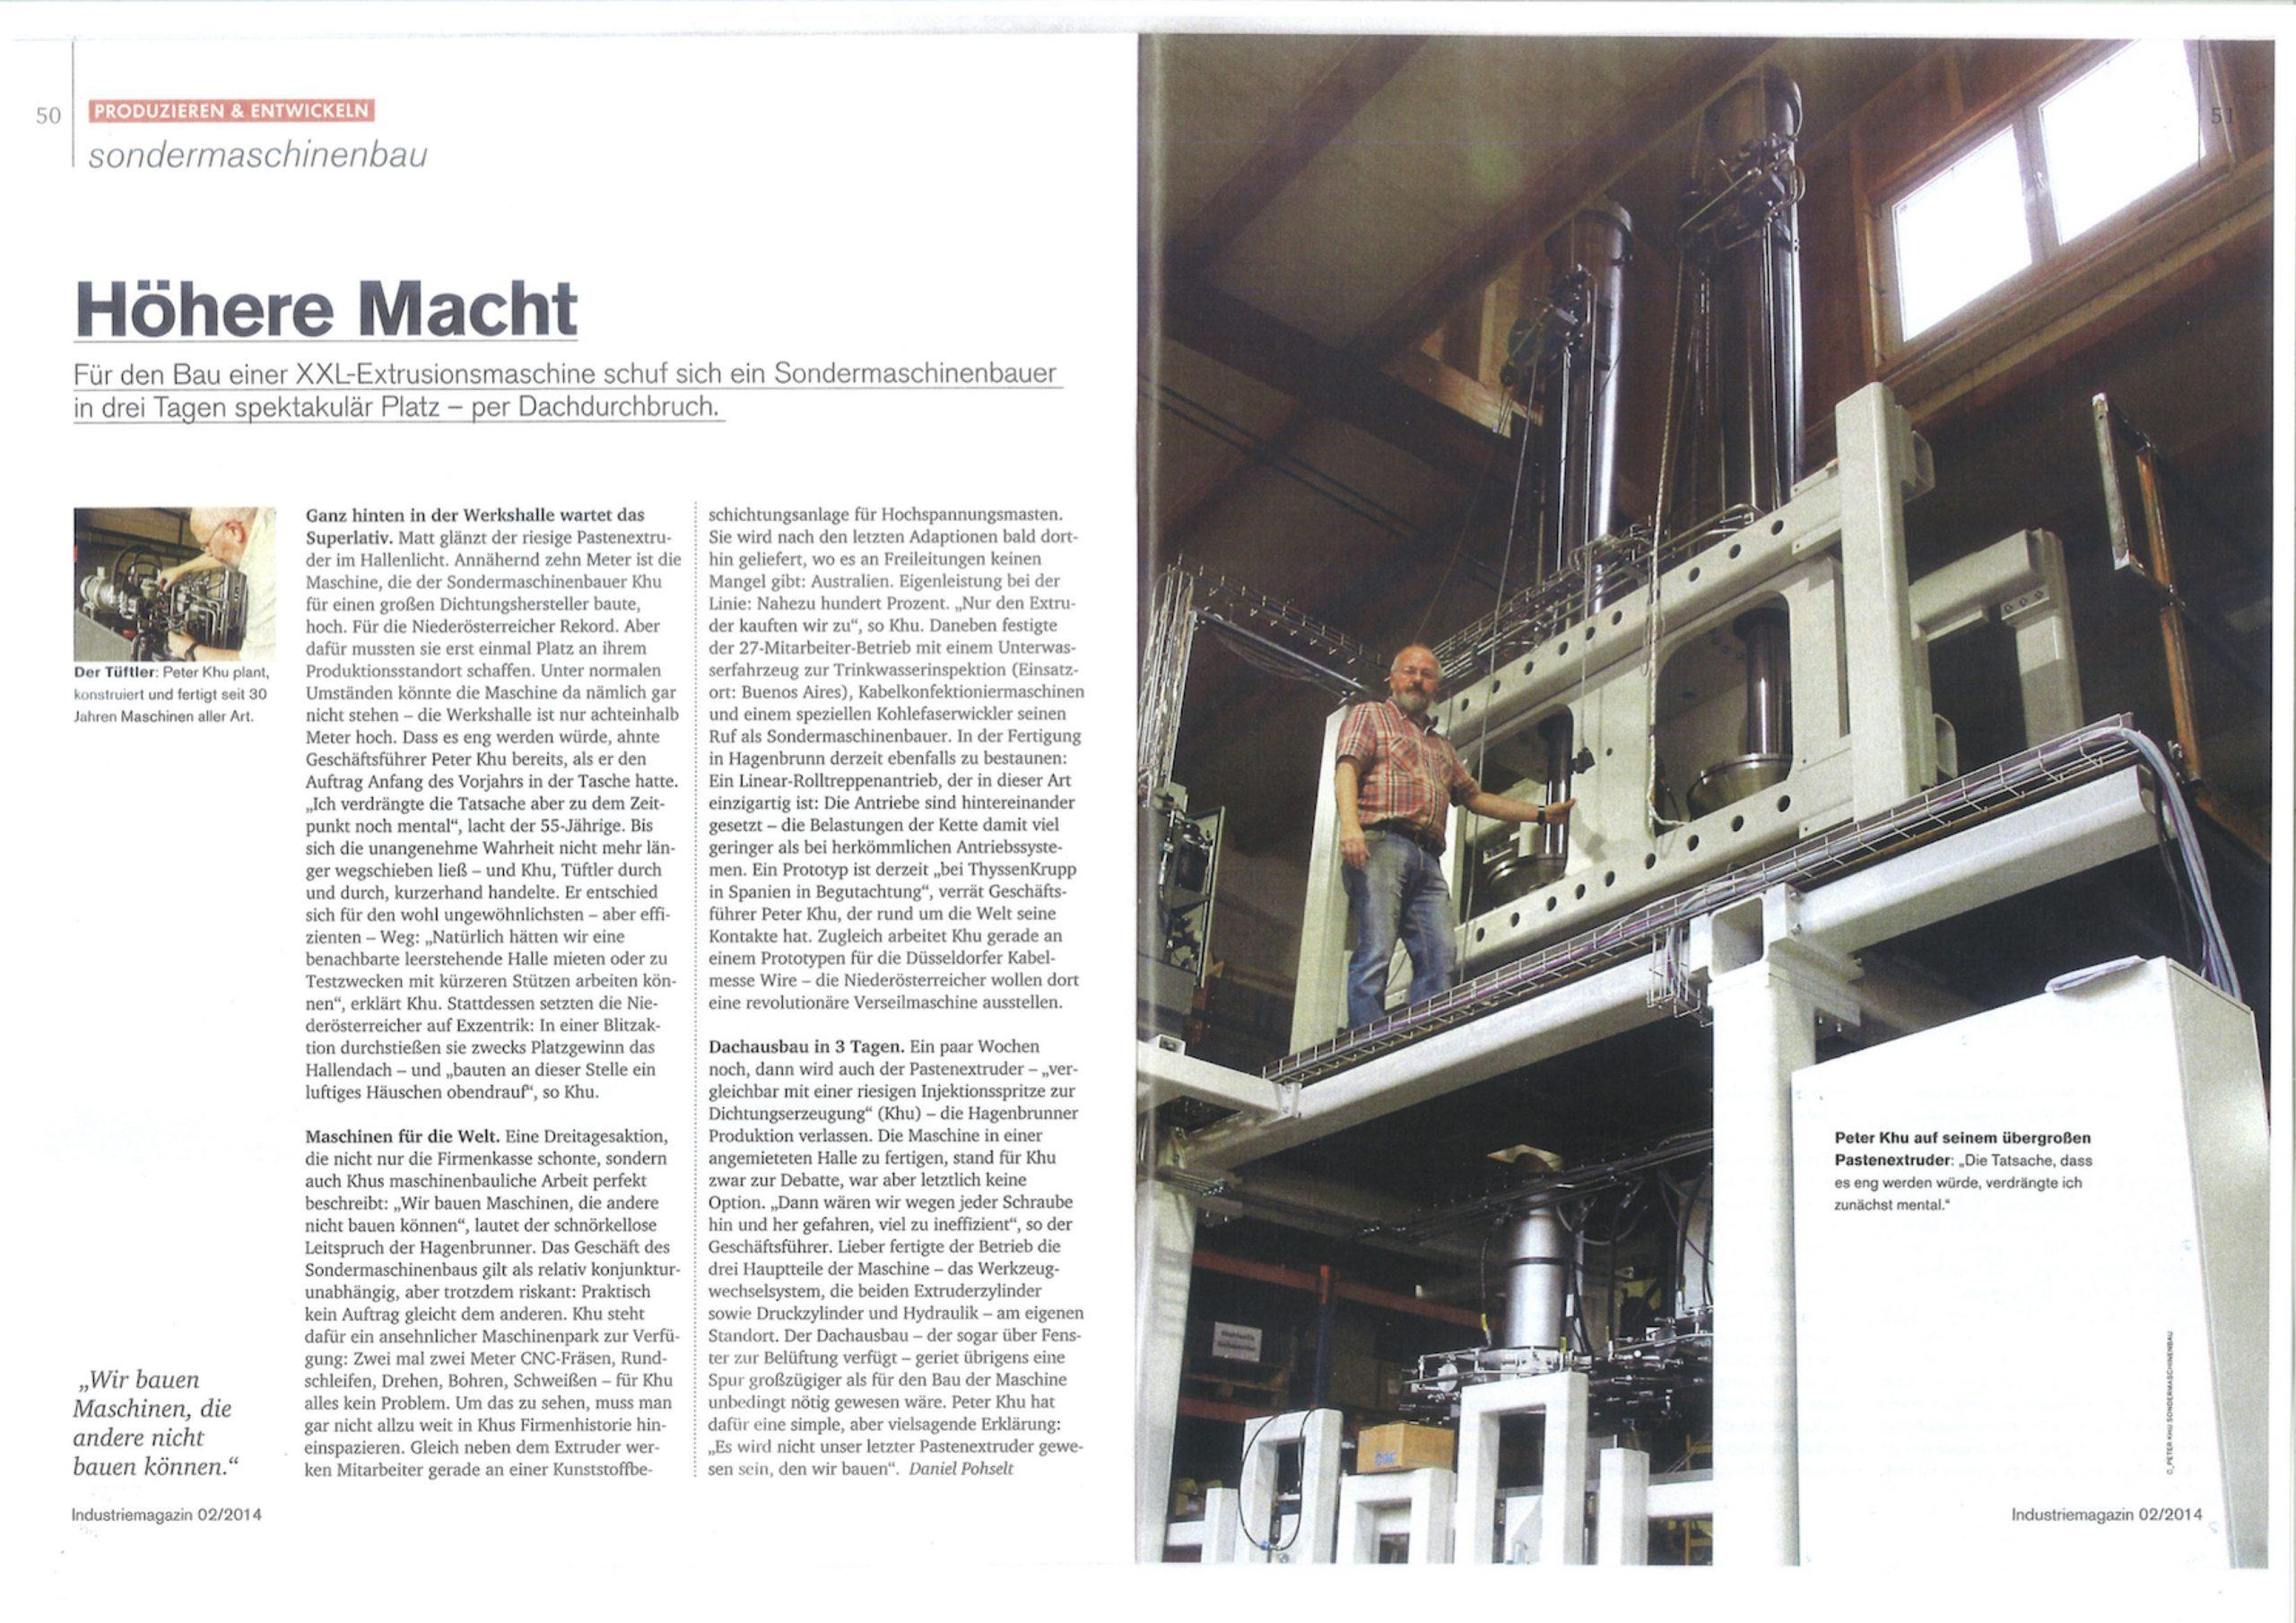 IndustrieMagazin Pressemeldung über KHU Pastenextruder